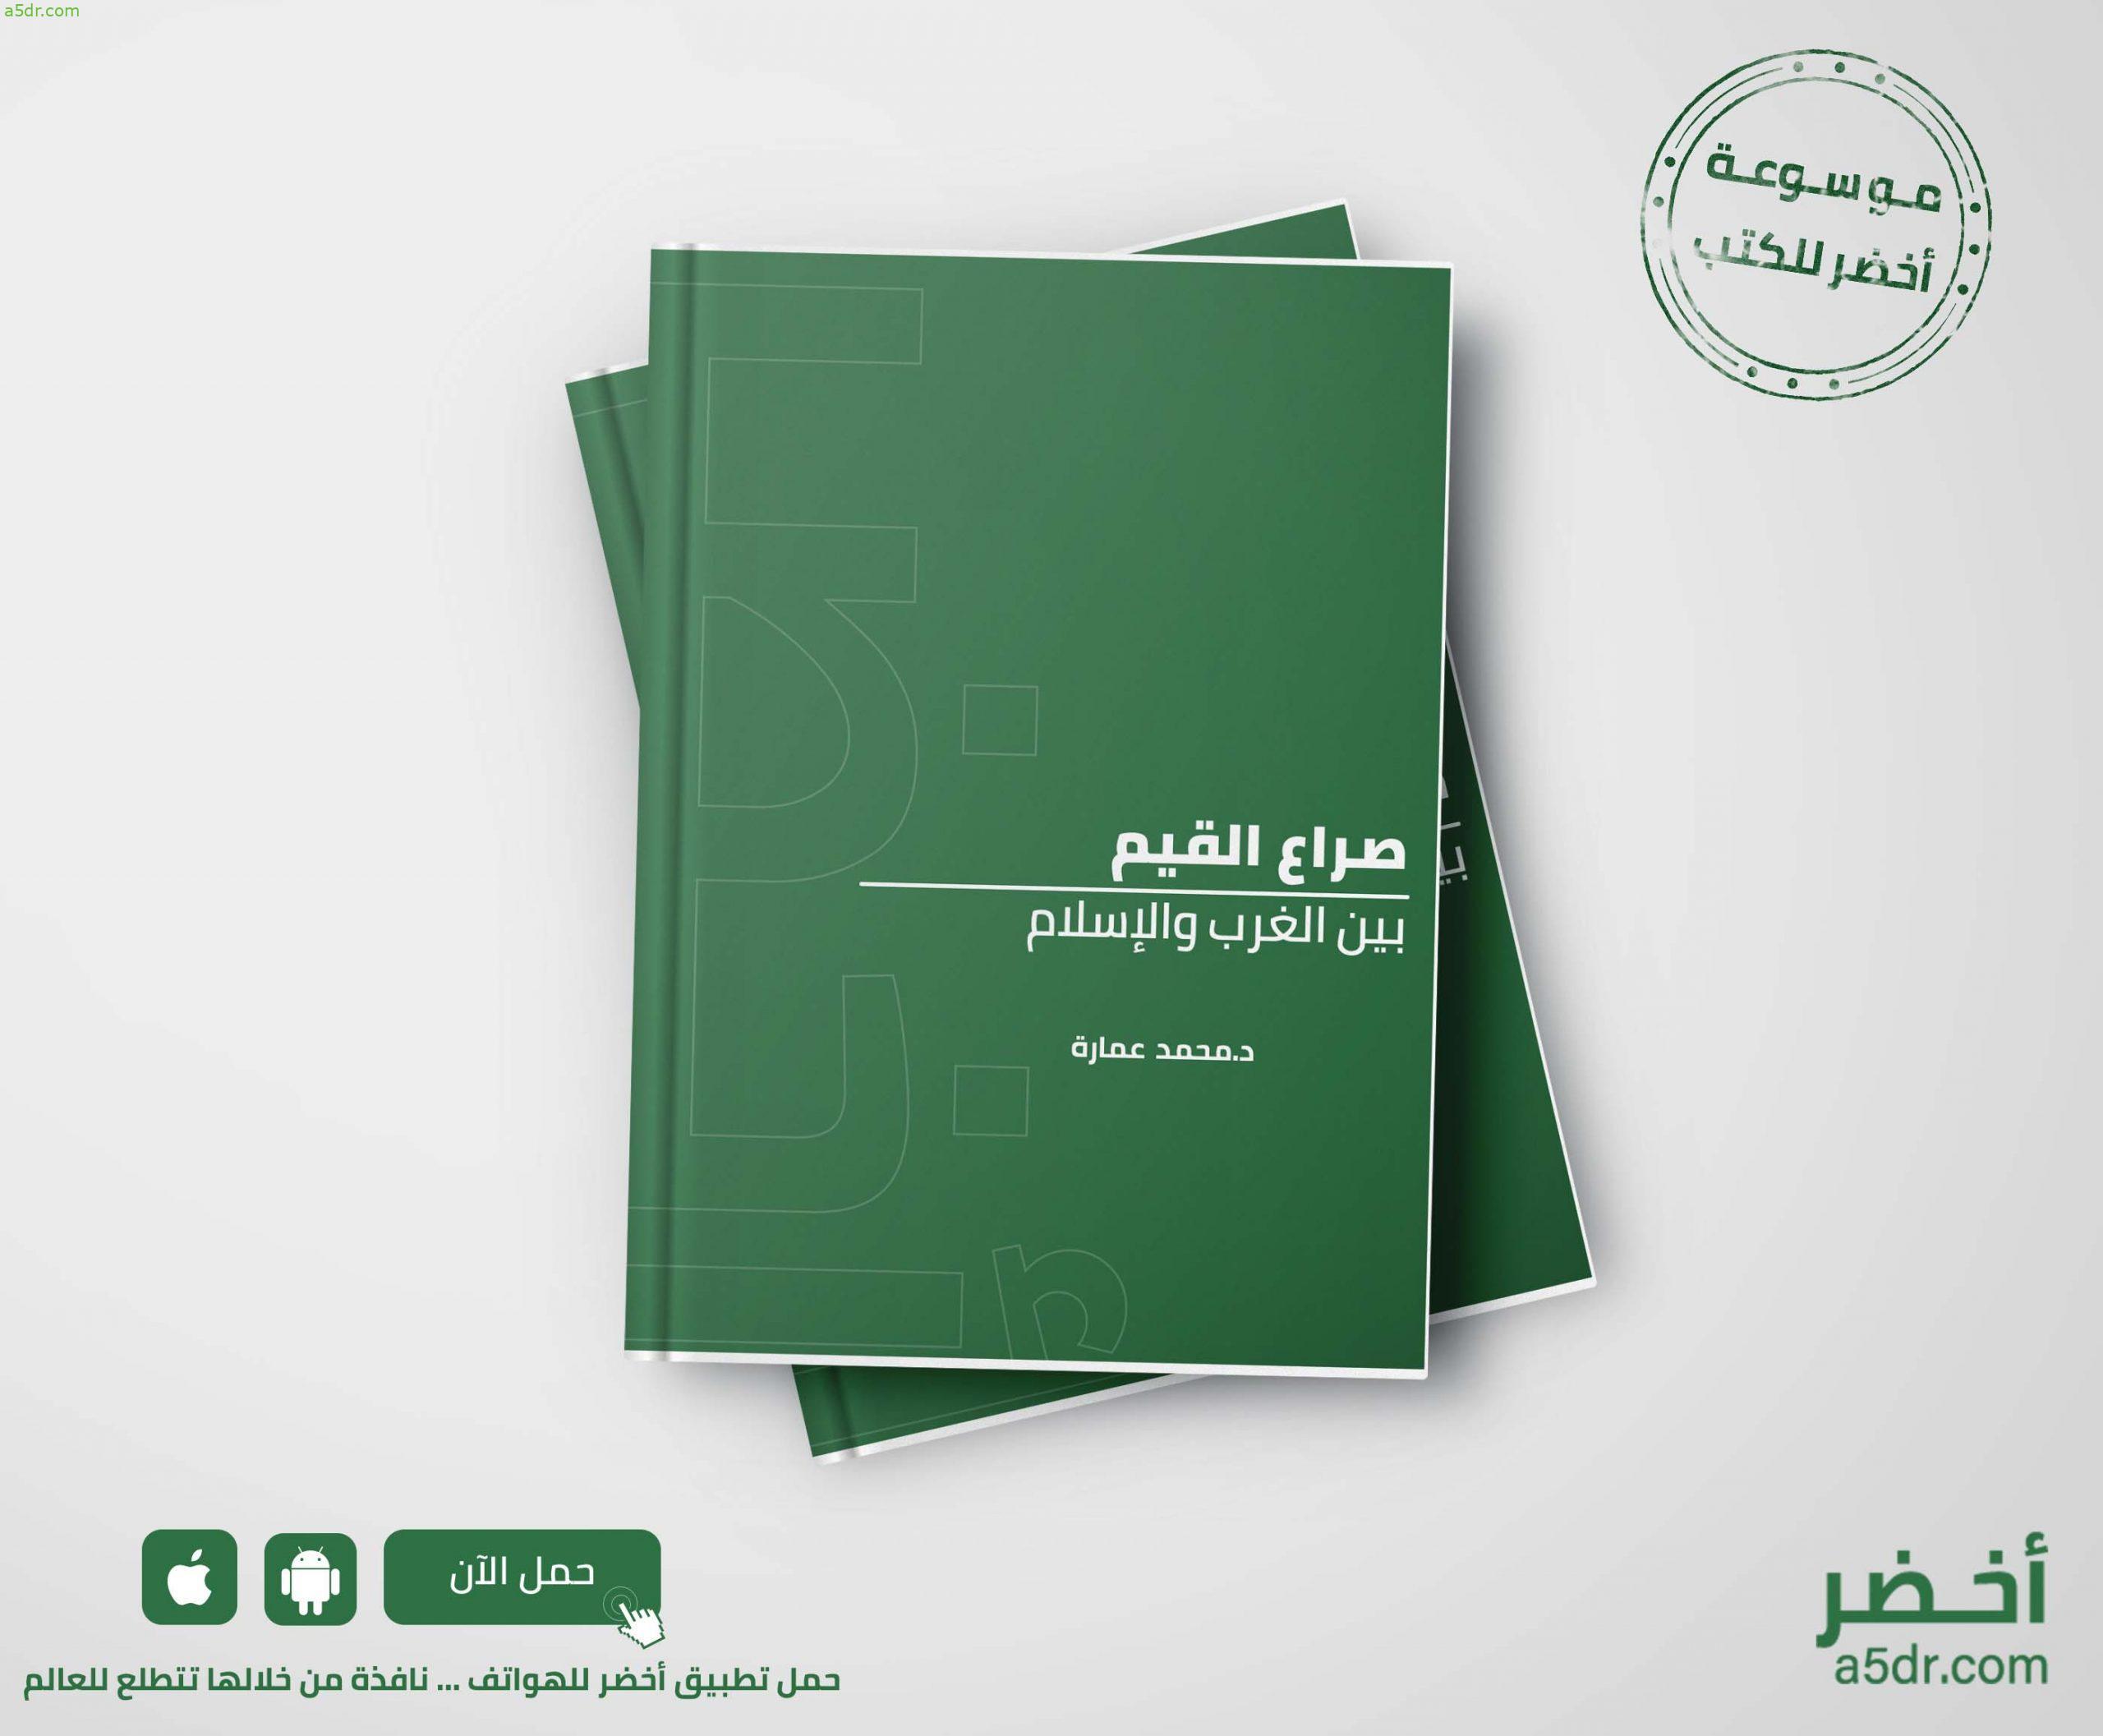 كتاب صراع القيم بين الغرب والإسلام - محمد عمارة